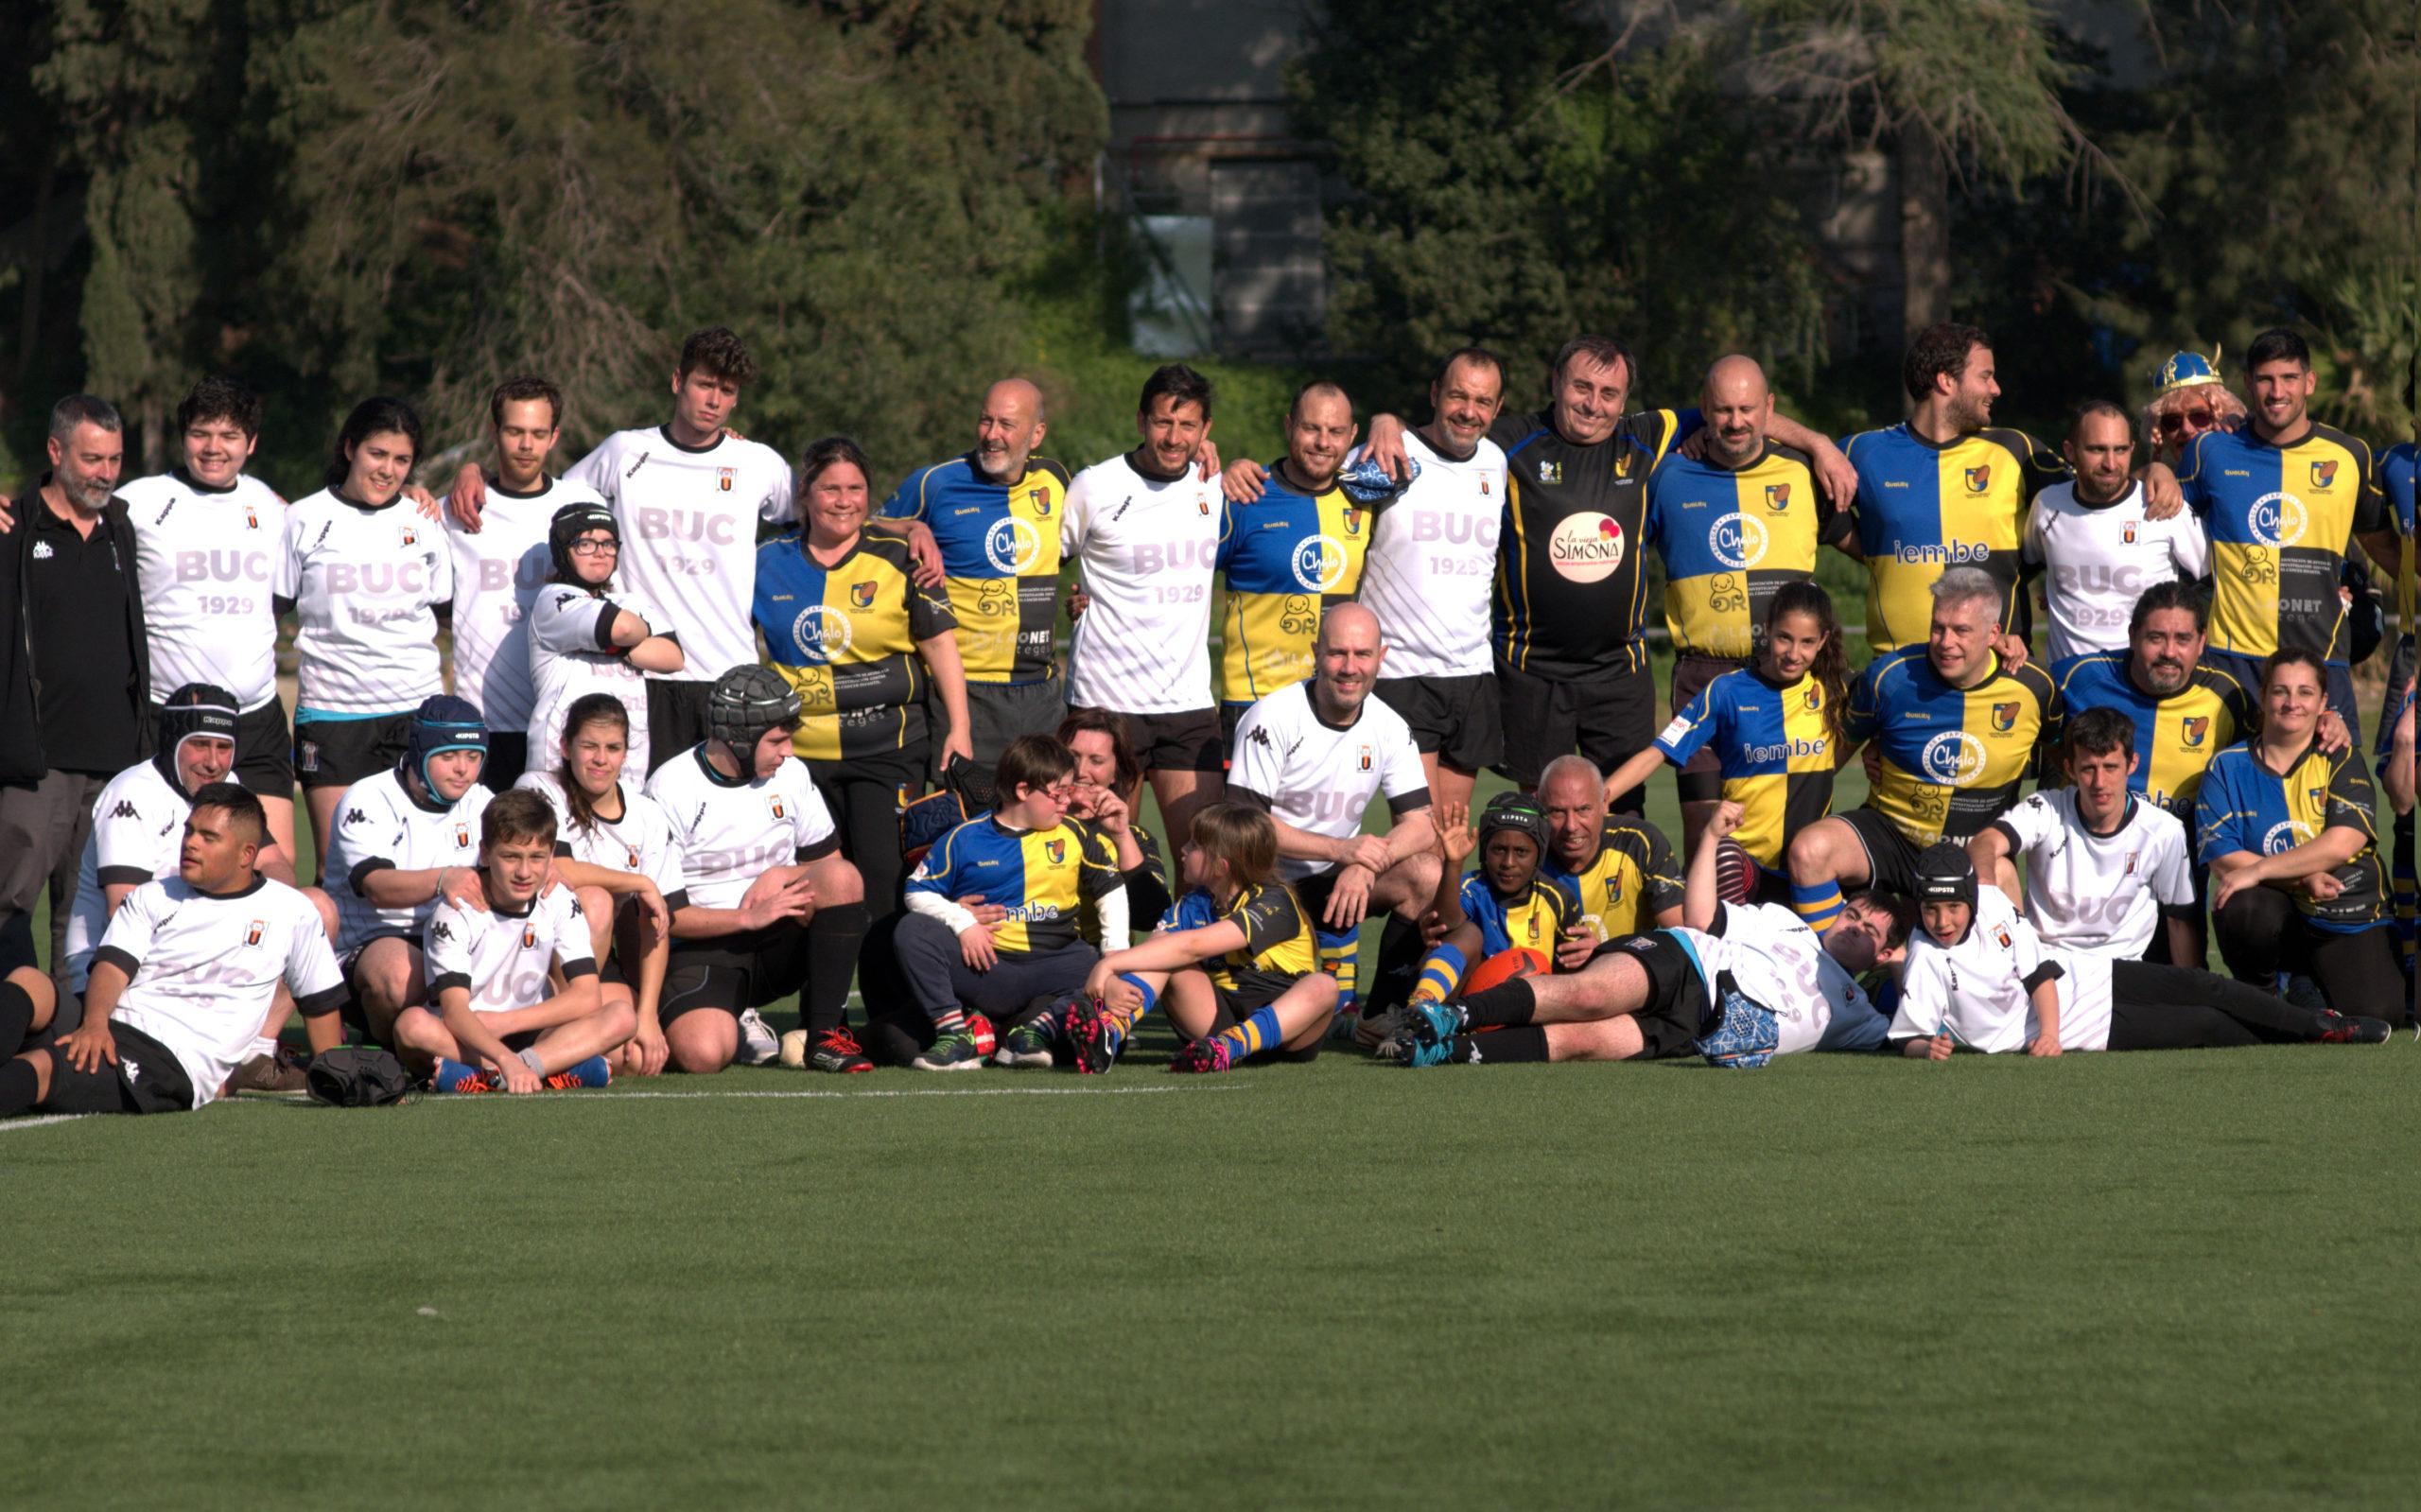 Jornada de rugby inclusivo con BUC, CRUC y Les Abelles